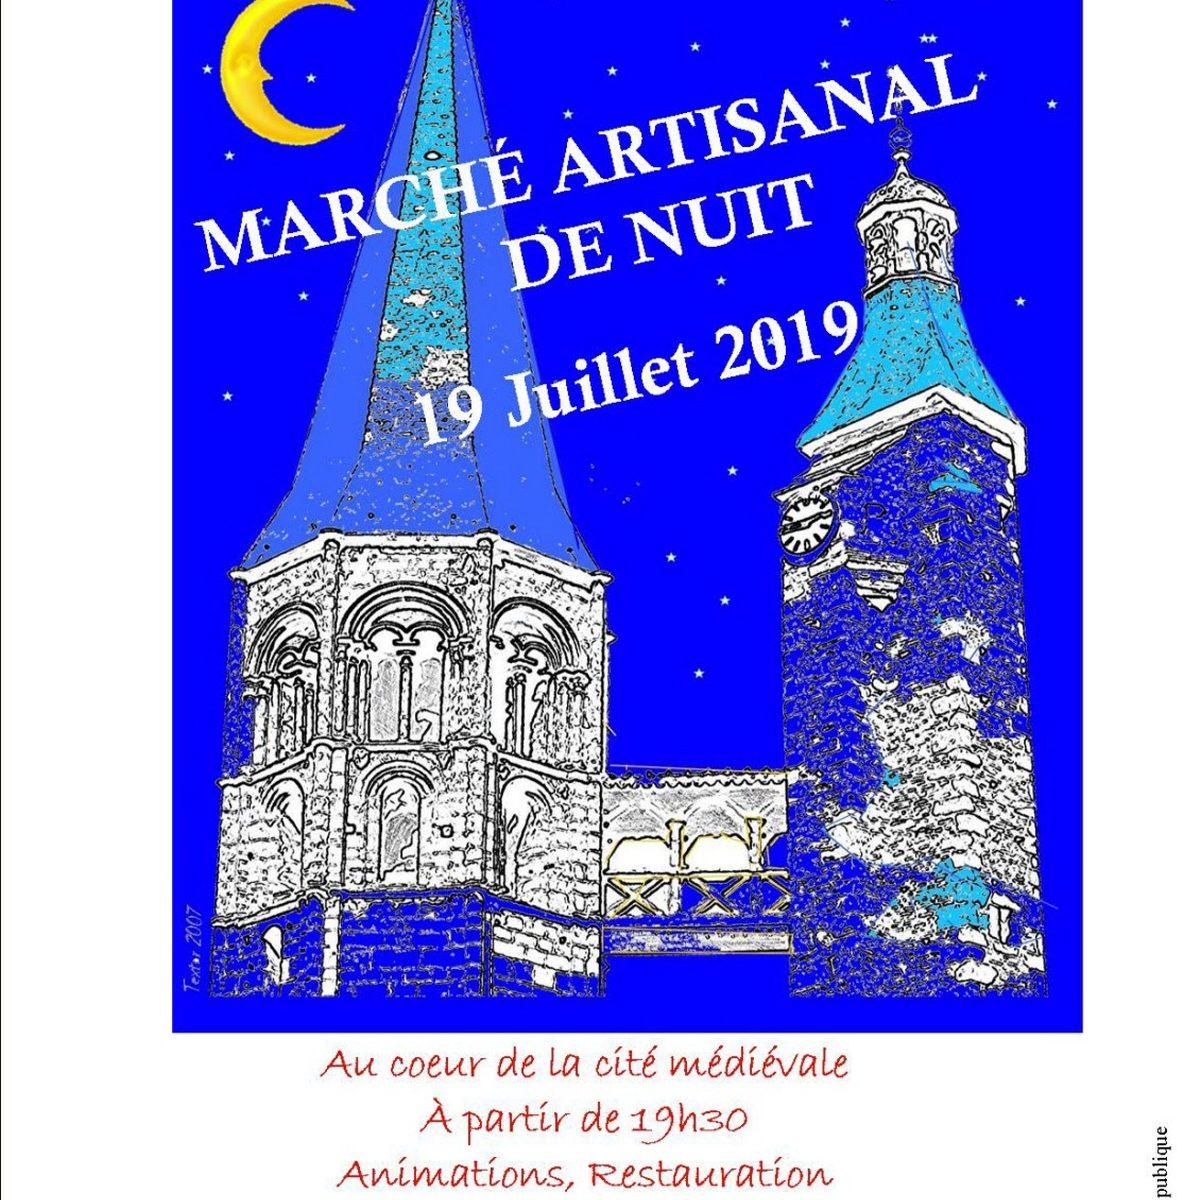 Marché artisanal de Saint Gengoux le National